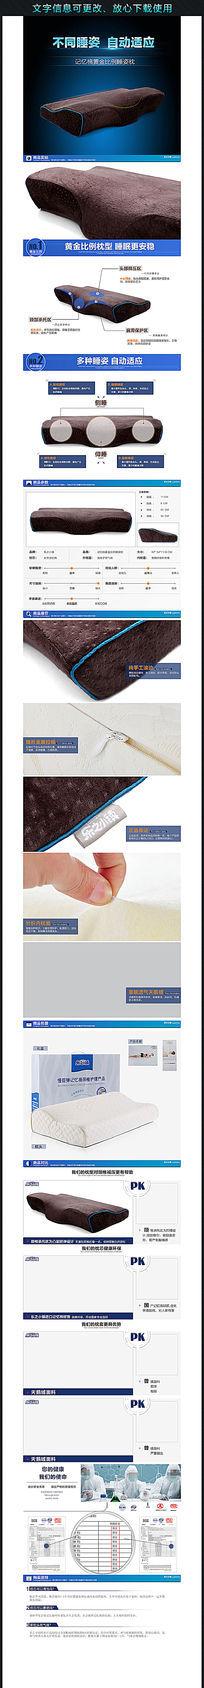 淘宝美臀垫详情页细节展示PSD素材模板